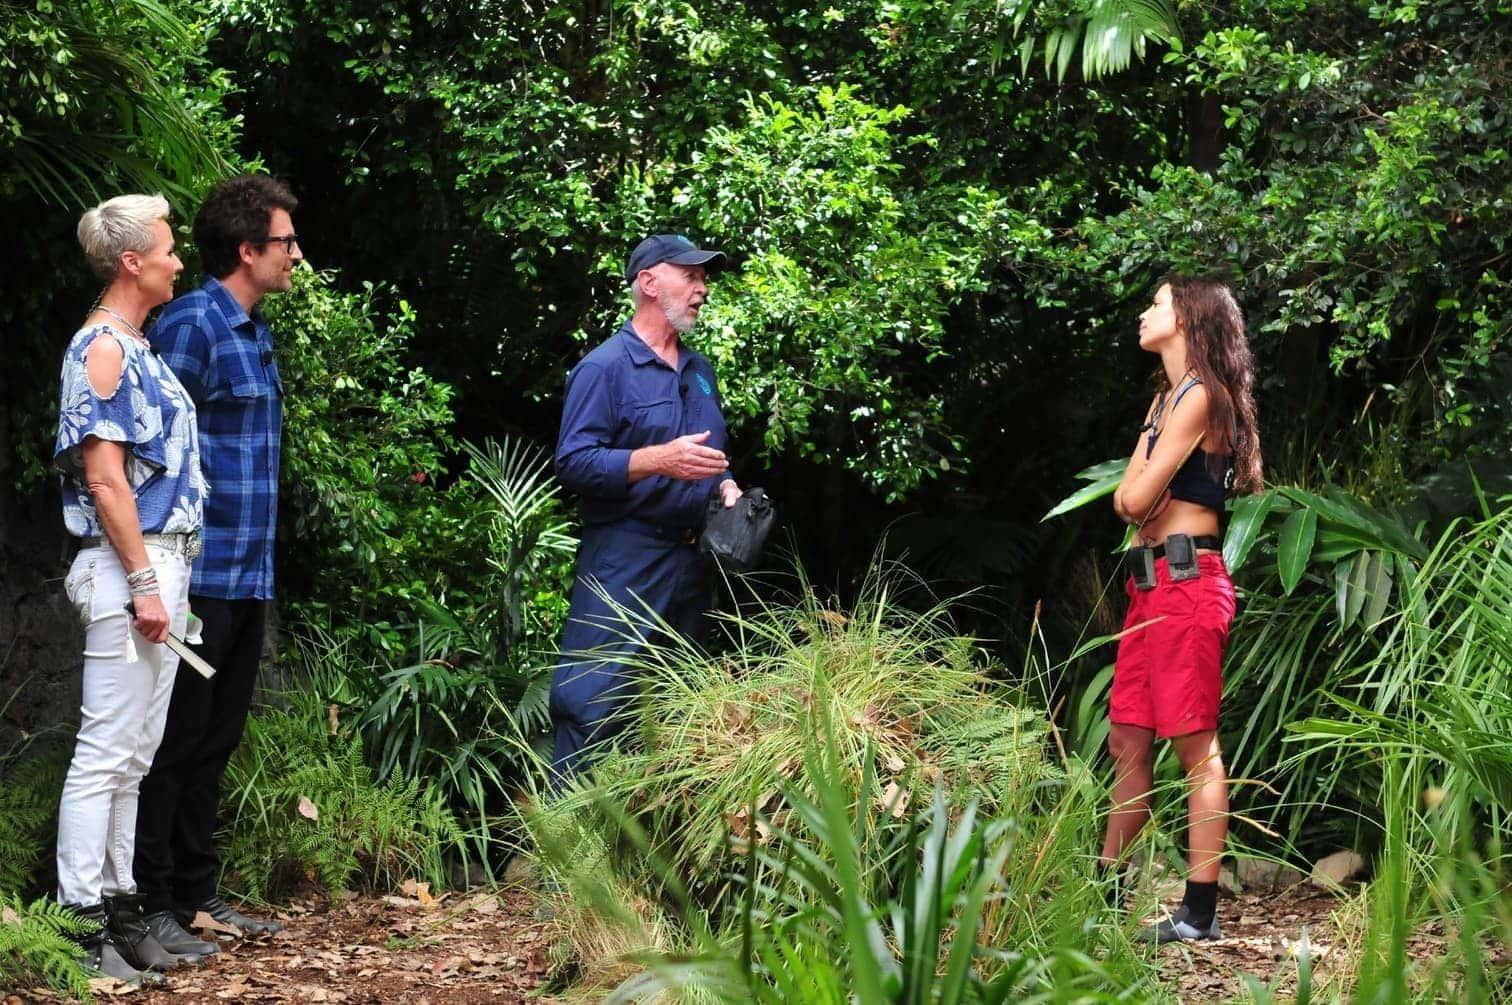 """<p>Am siebten Tag muss Gisele zu ihrer achten Dschungelprüfung antreten (am ersten Tag gab es zwei Prüfungen) und zieht mit """"Dschungelprüfungs-Rekordhalterin in Serie"""" Larissa Marolt gleich.</p> Foto: TV NOW / Stefan Menne"""